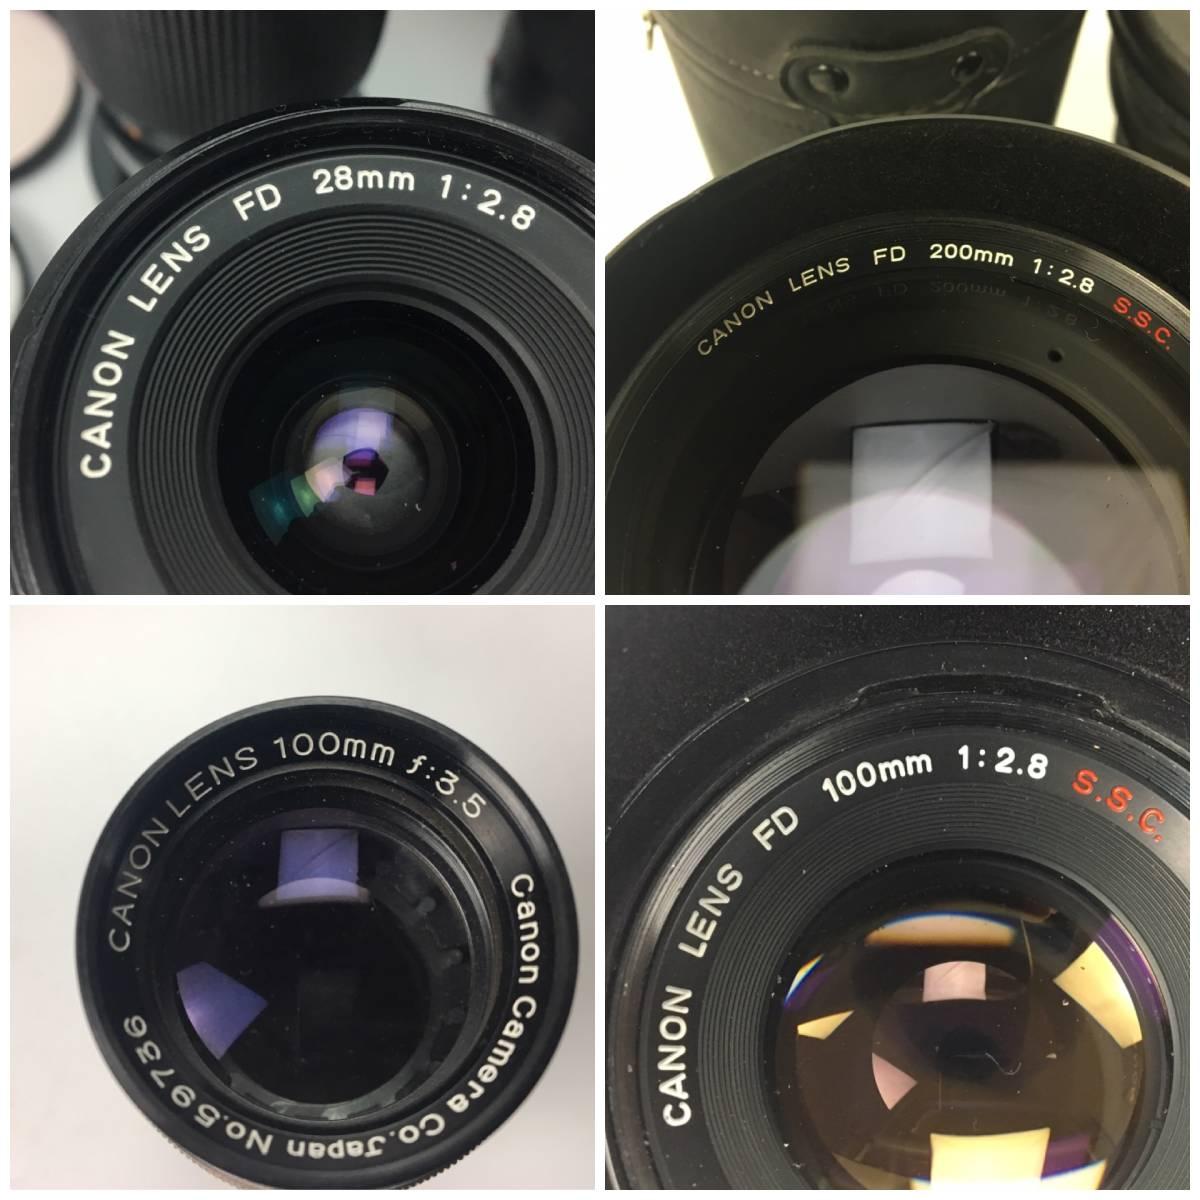 AZ-641 Cannon / キャノン デジタル一眼 カメラ レンズ アクセサリー ケース まとめて EOS kiss Ⅱ IX50 FD200㎜ Canon 100mm f3.5_画像4